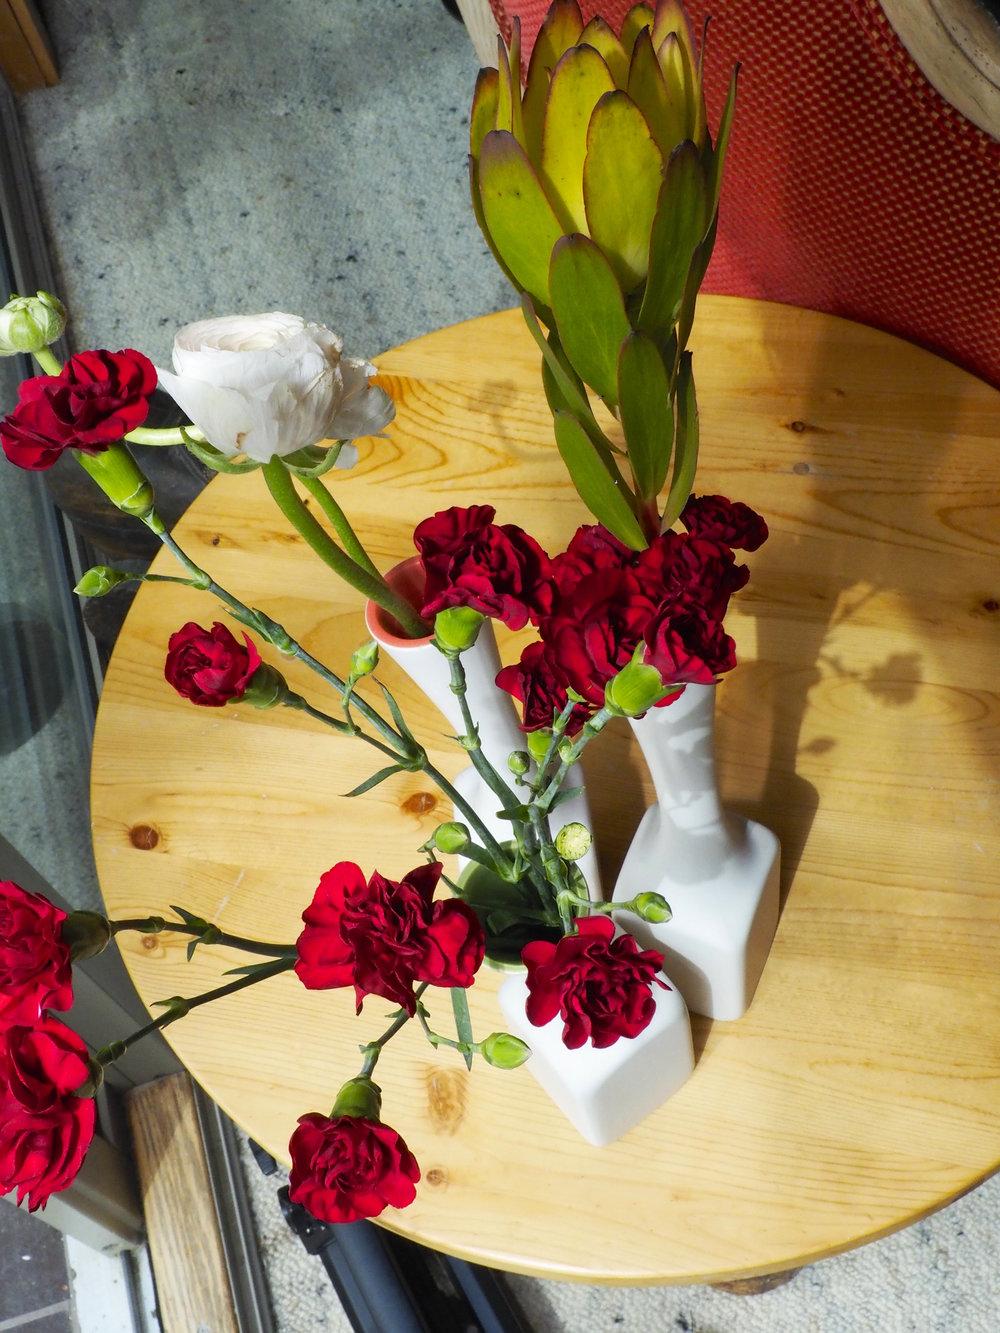 cindi_mixedflowers_spiritedtable_photo3.jpg